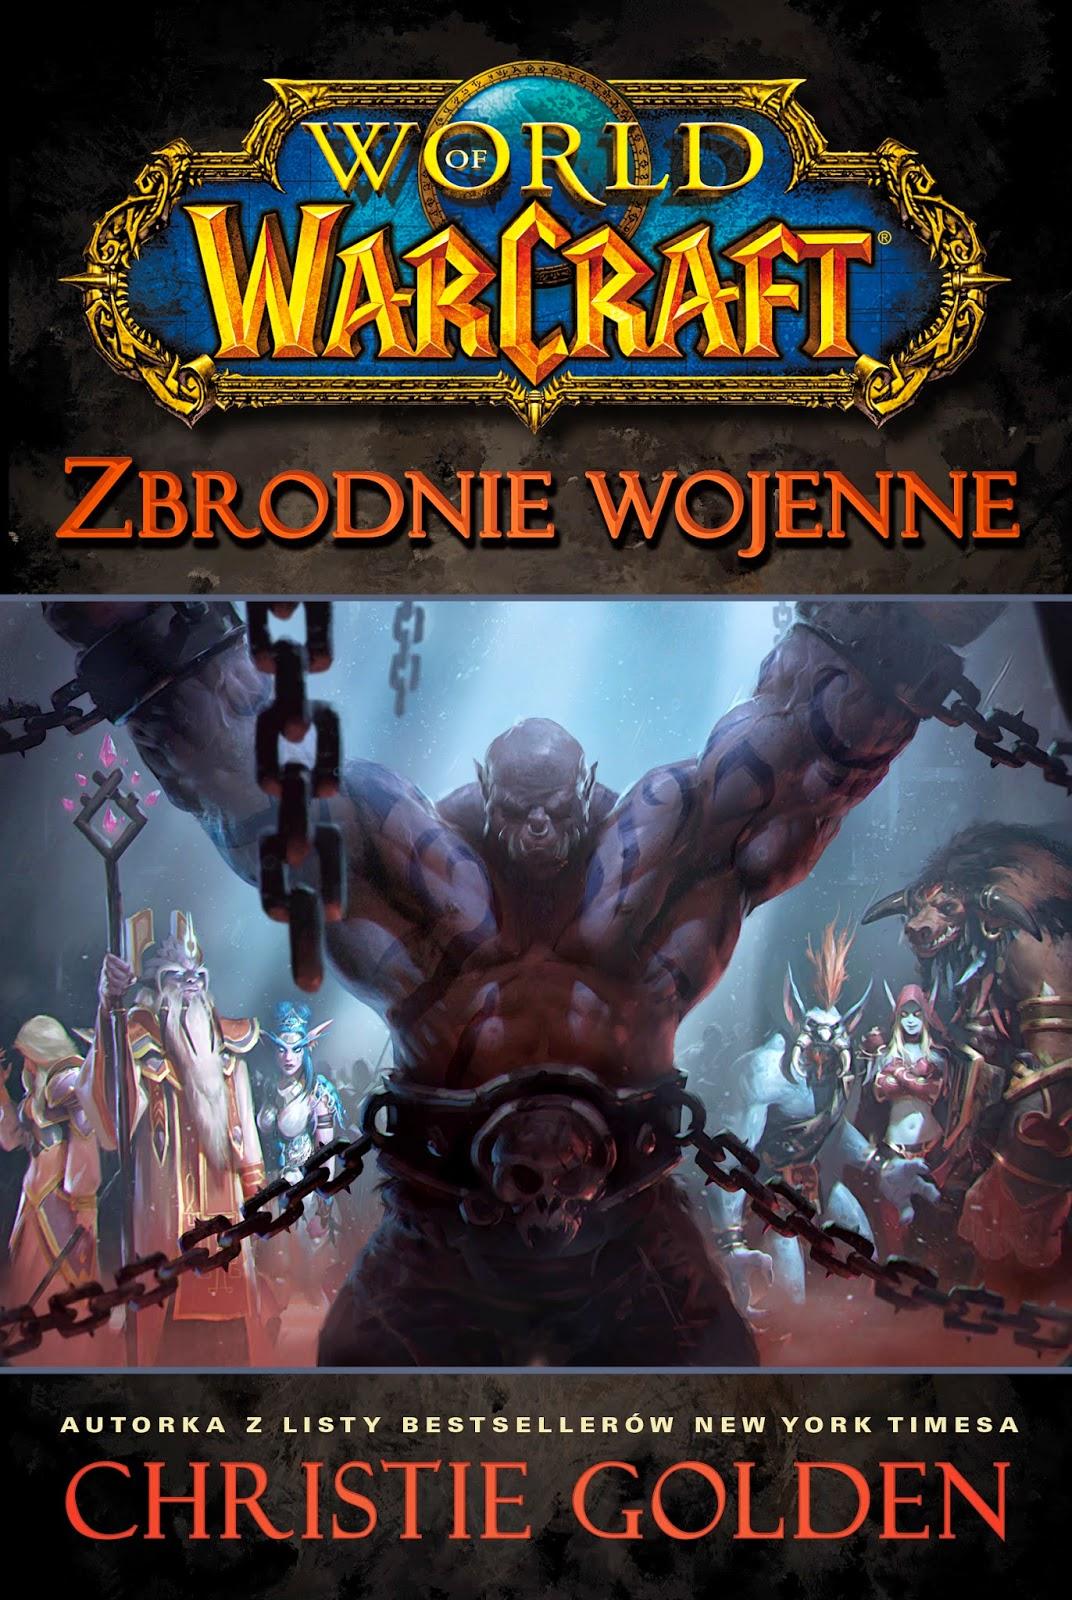 World of WarCraft Zbrodnie Wojenne - premiera książki.